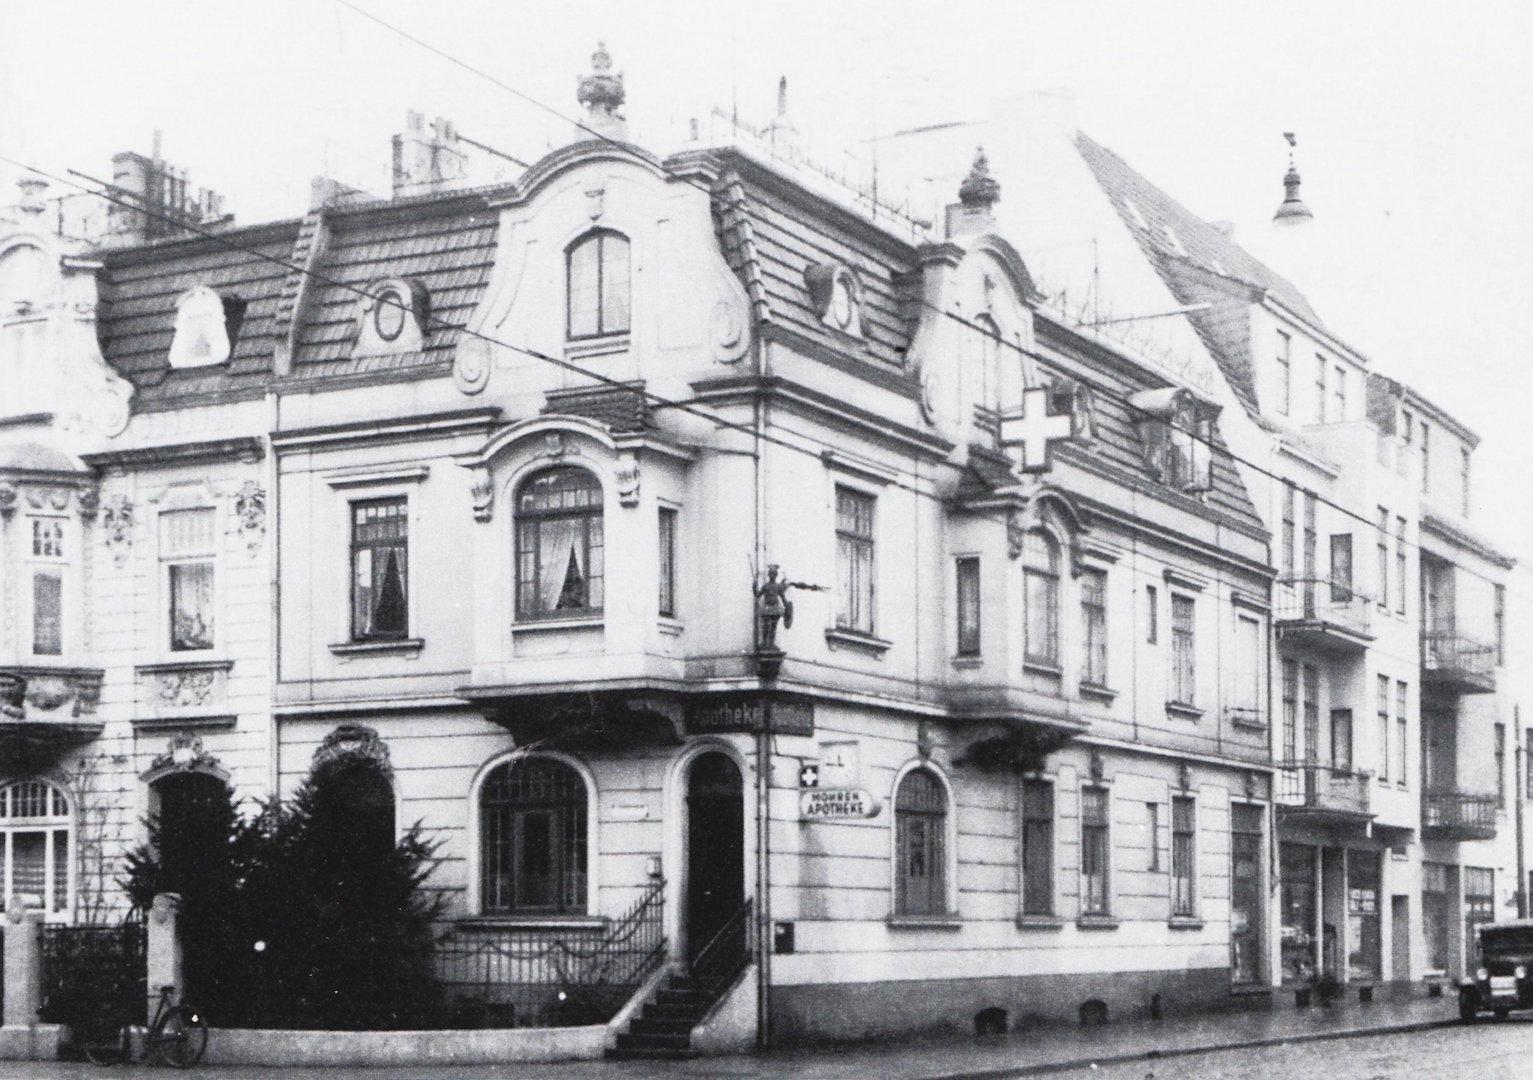 Einst völlig unverfänglich: die Mohren-Apotheke in der Neustadt. Quelle: Stadtteil-Archiv Bremen-Neustadt